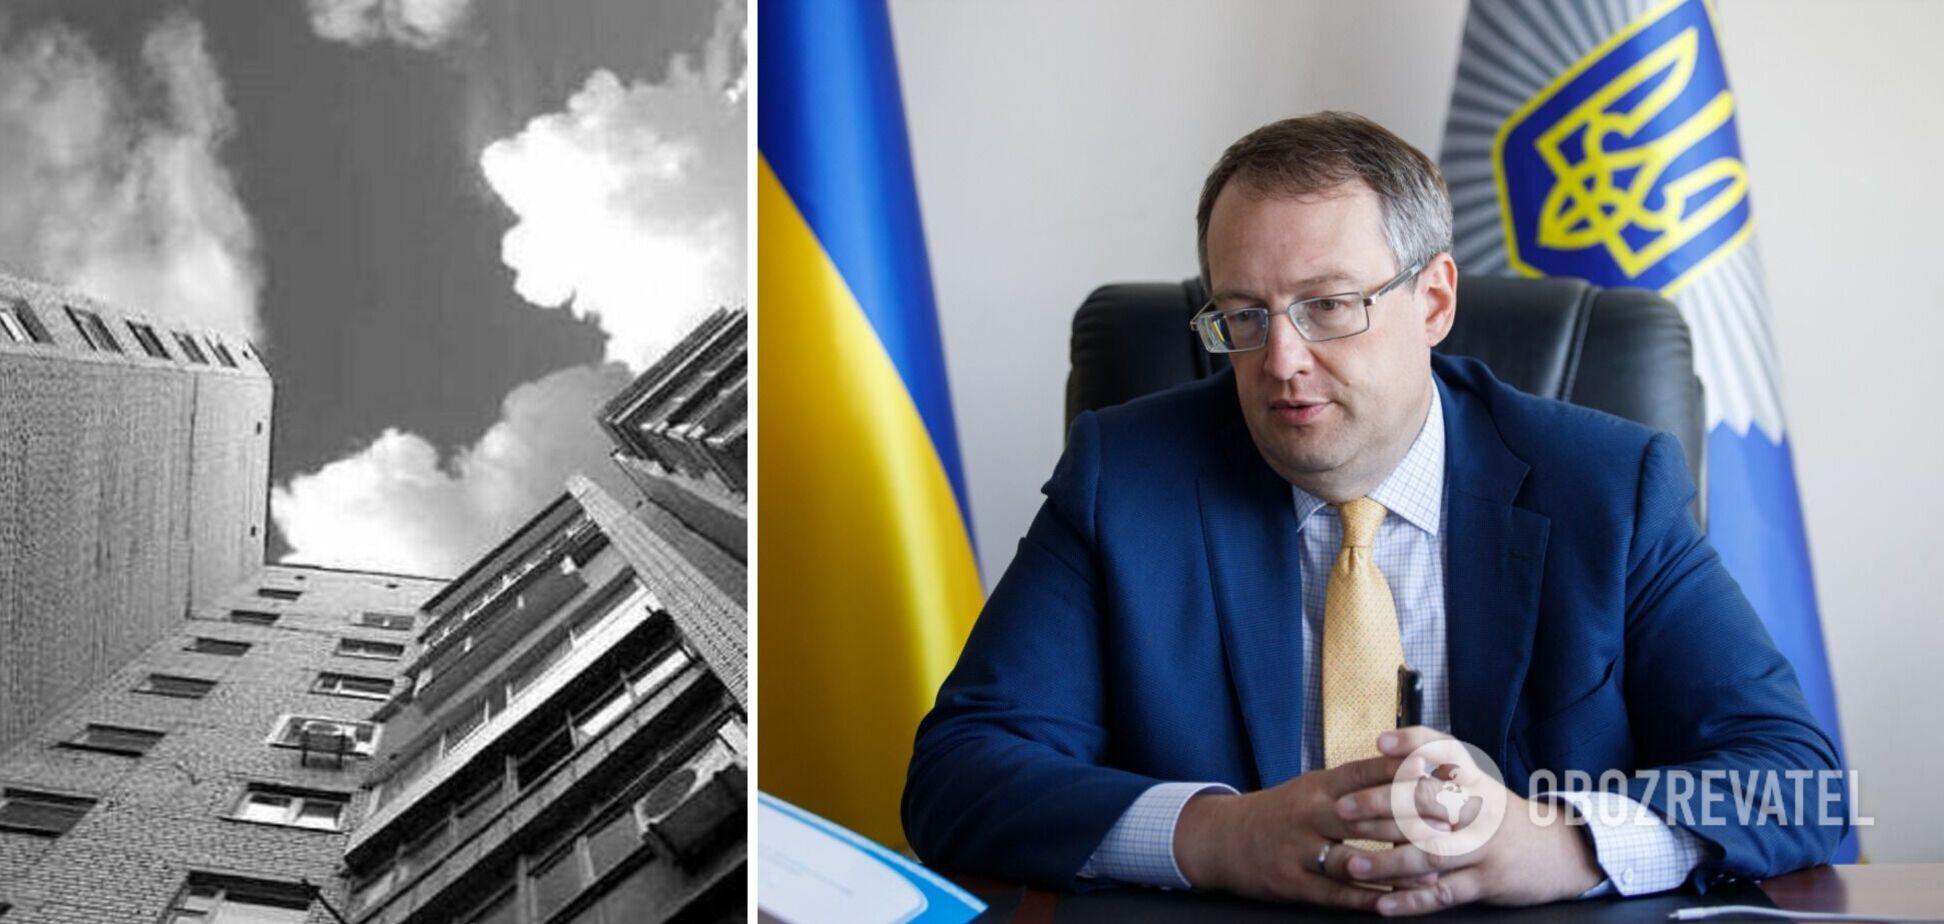 Геращенко розповів, що змусило 14-річну дівчинку вистрибнути з 18-го поверху у Києві